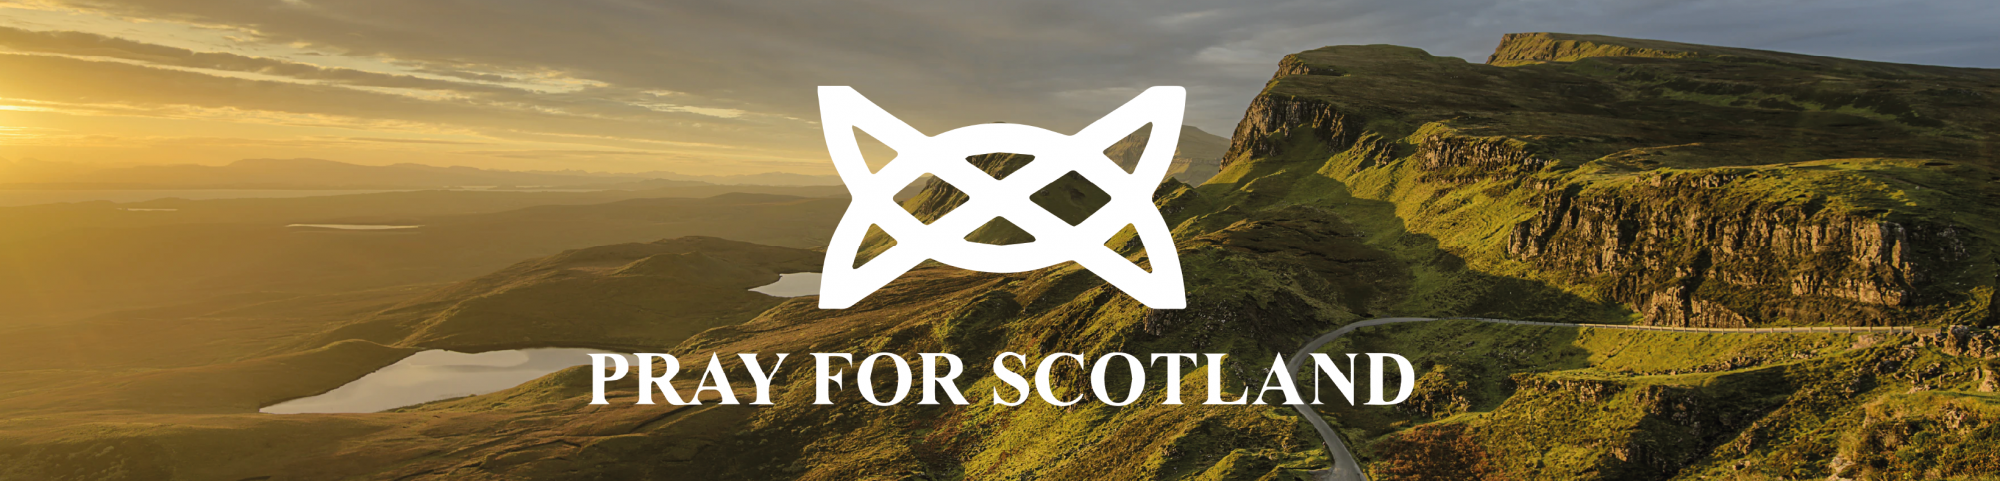 Pray For Scotland